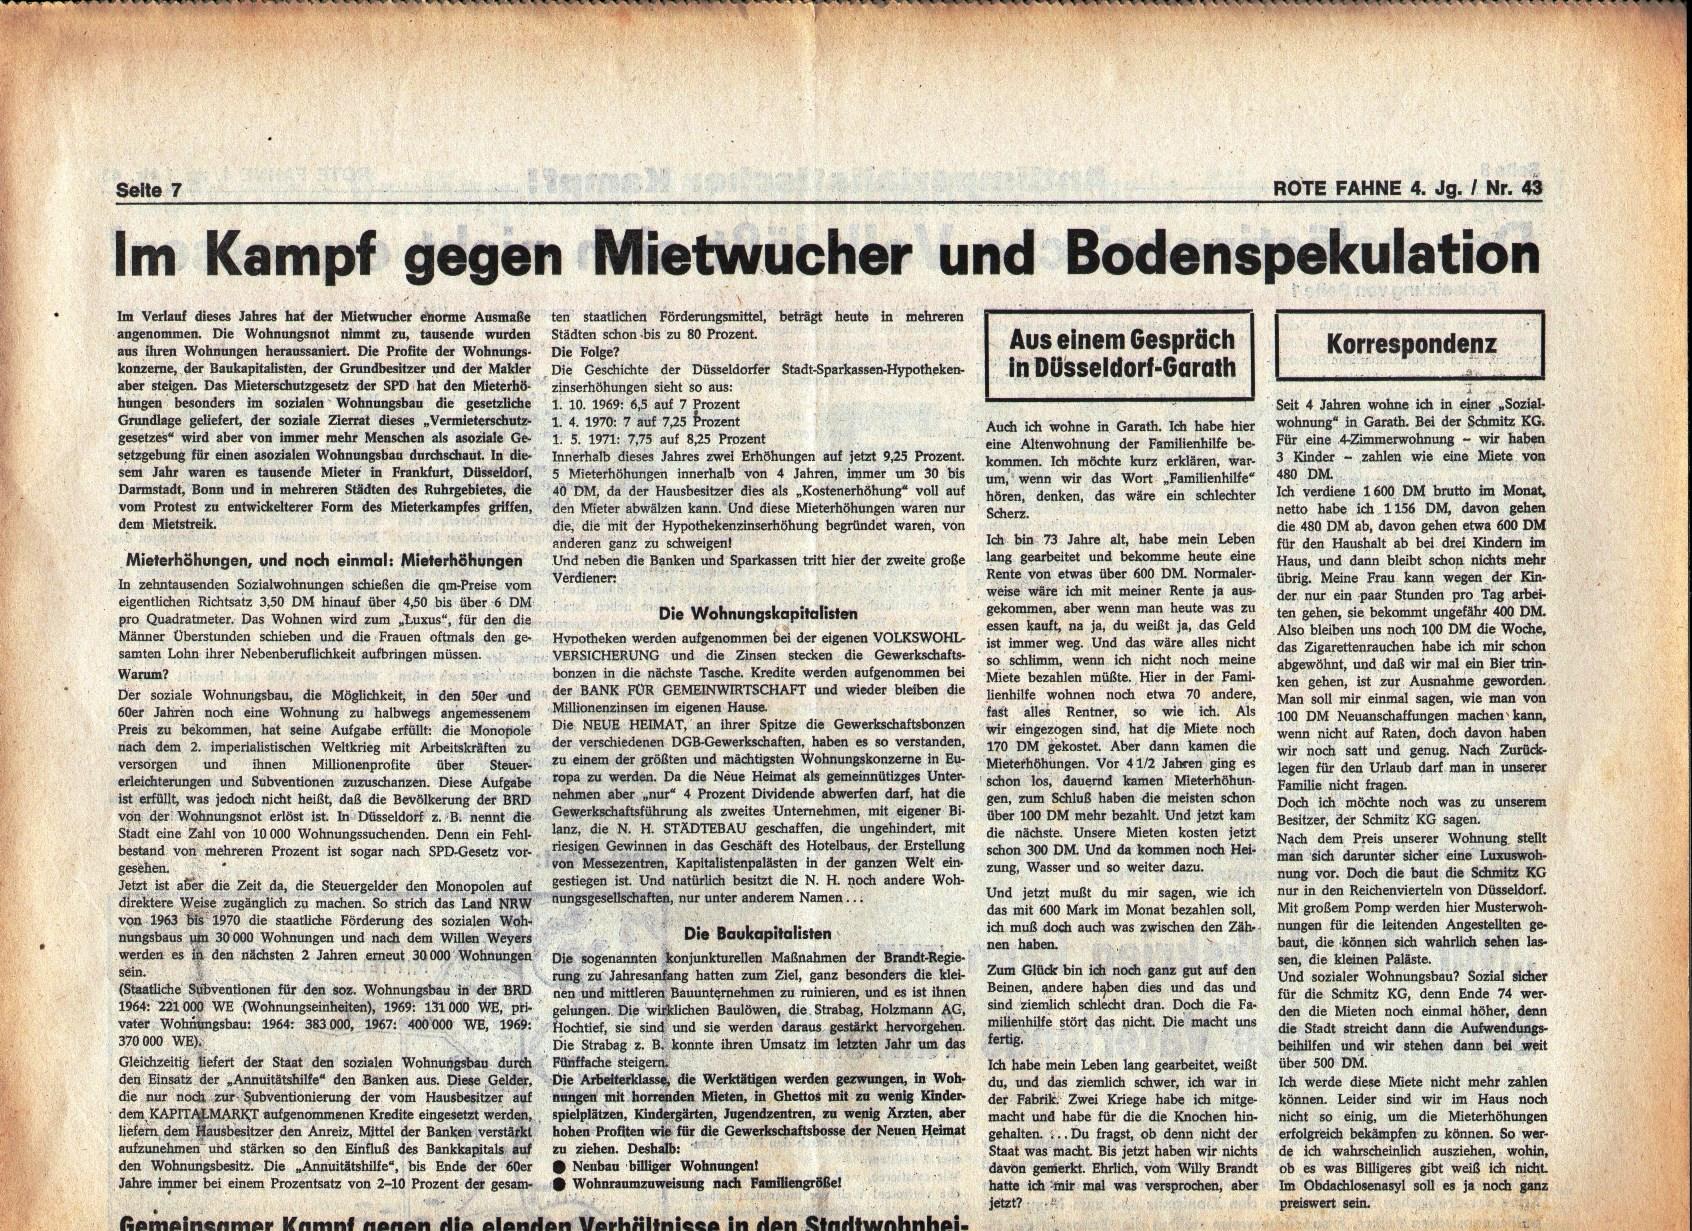 KPD_Rote_Fahne_1973_43_13